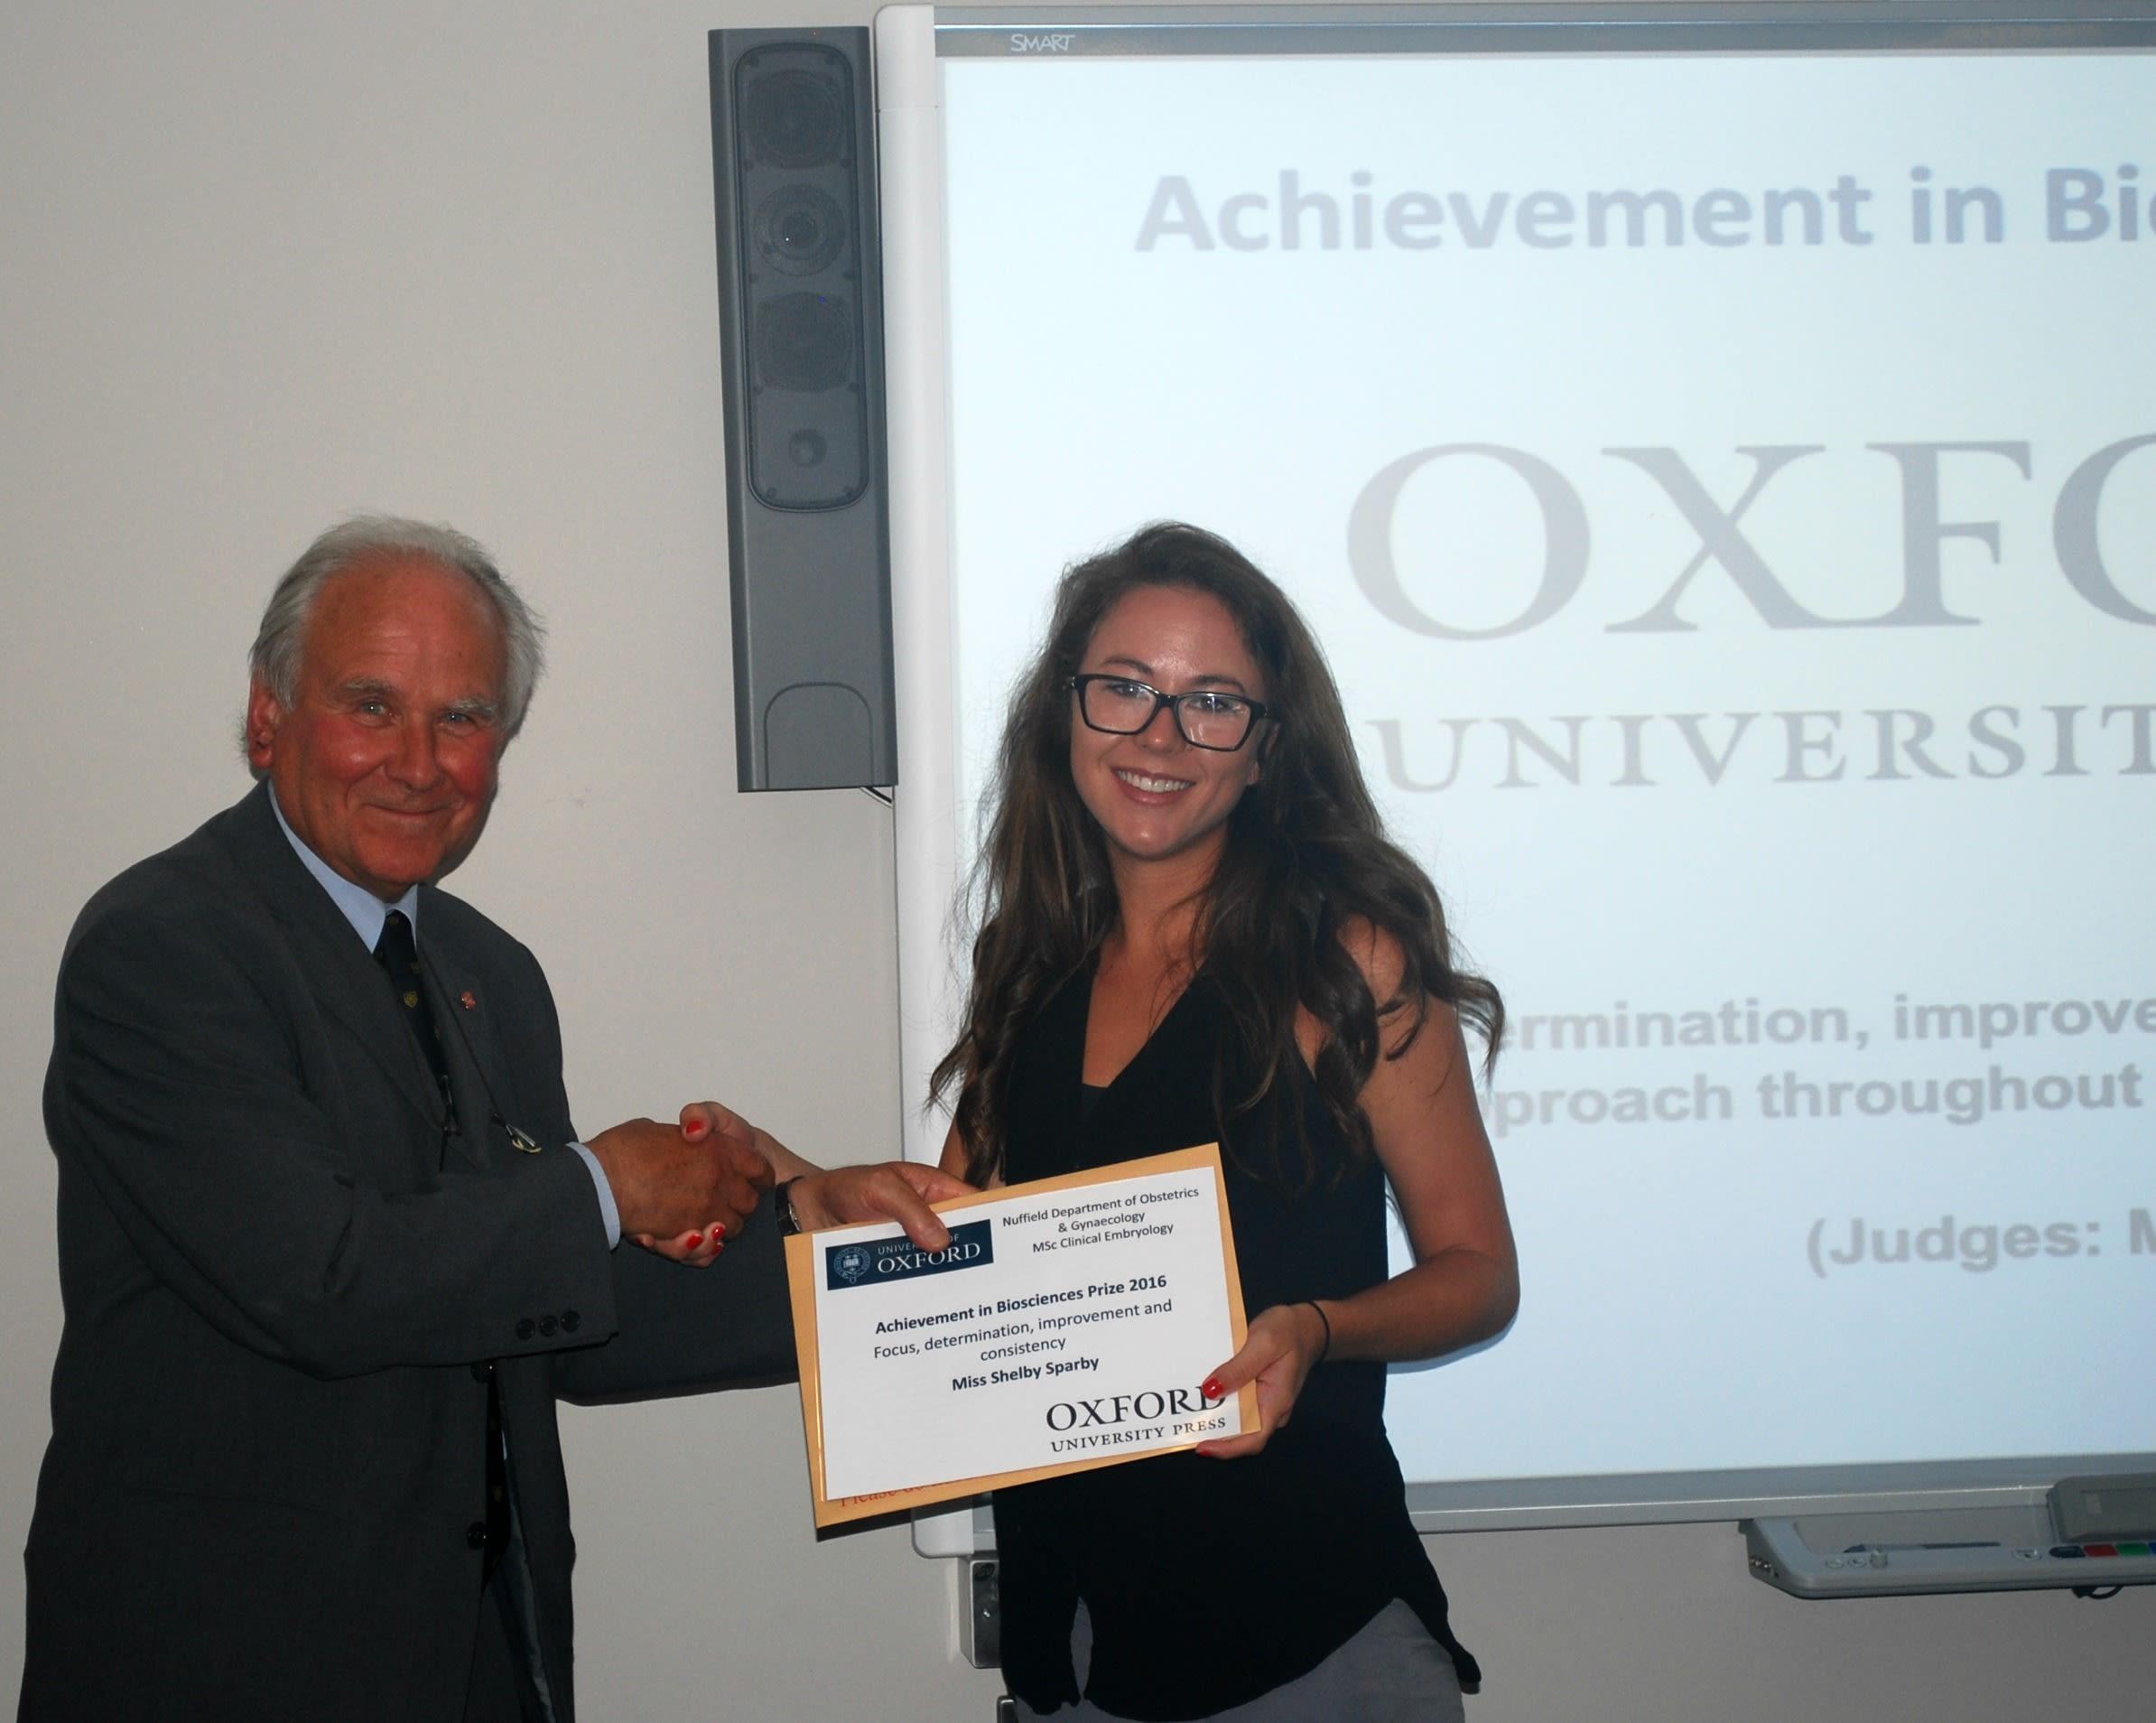 New Achievement in Biosciences Award